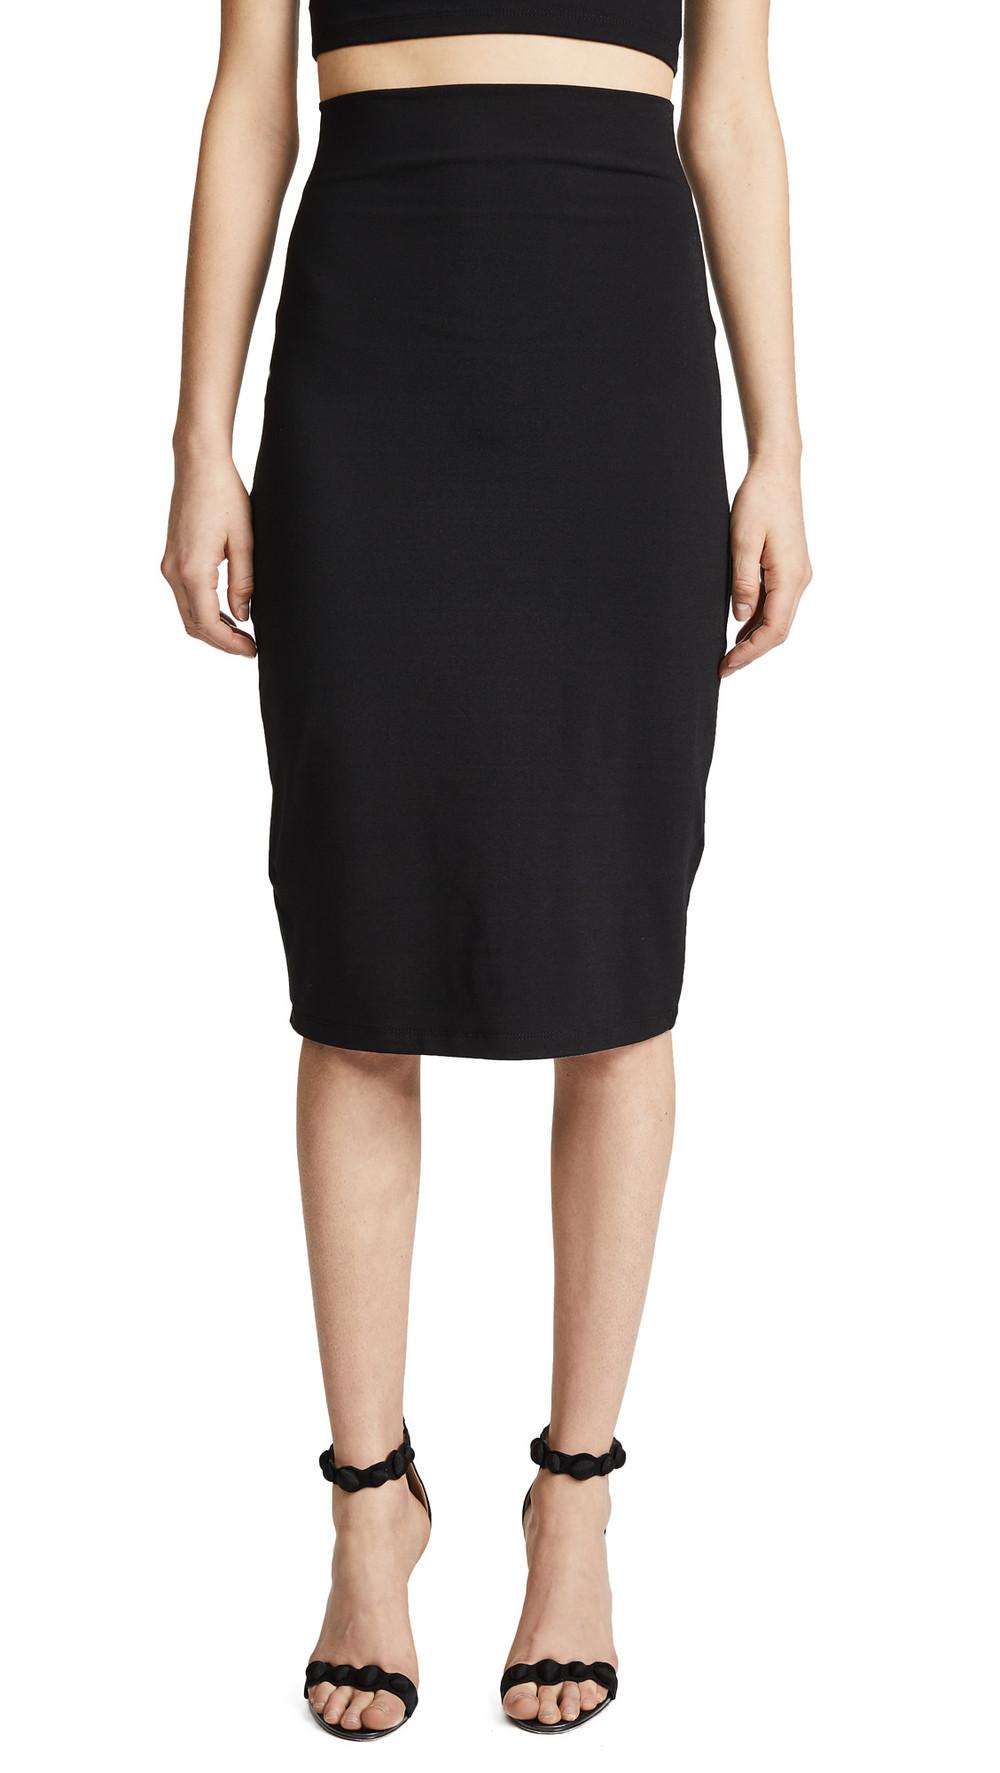 Susana Monaco Noella Pencil Skirt in black